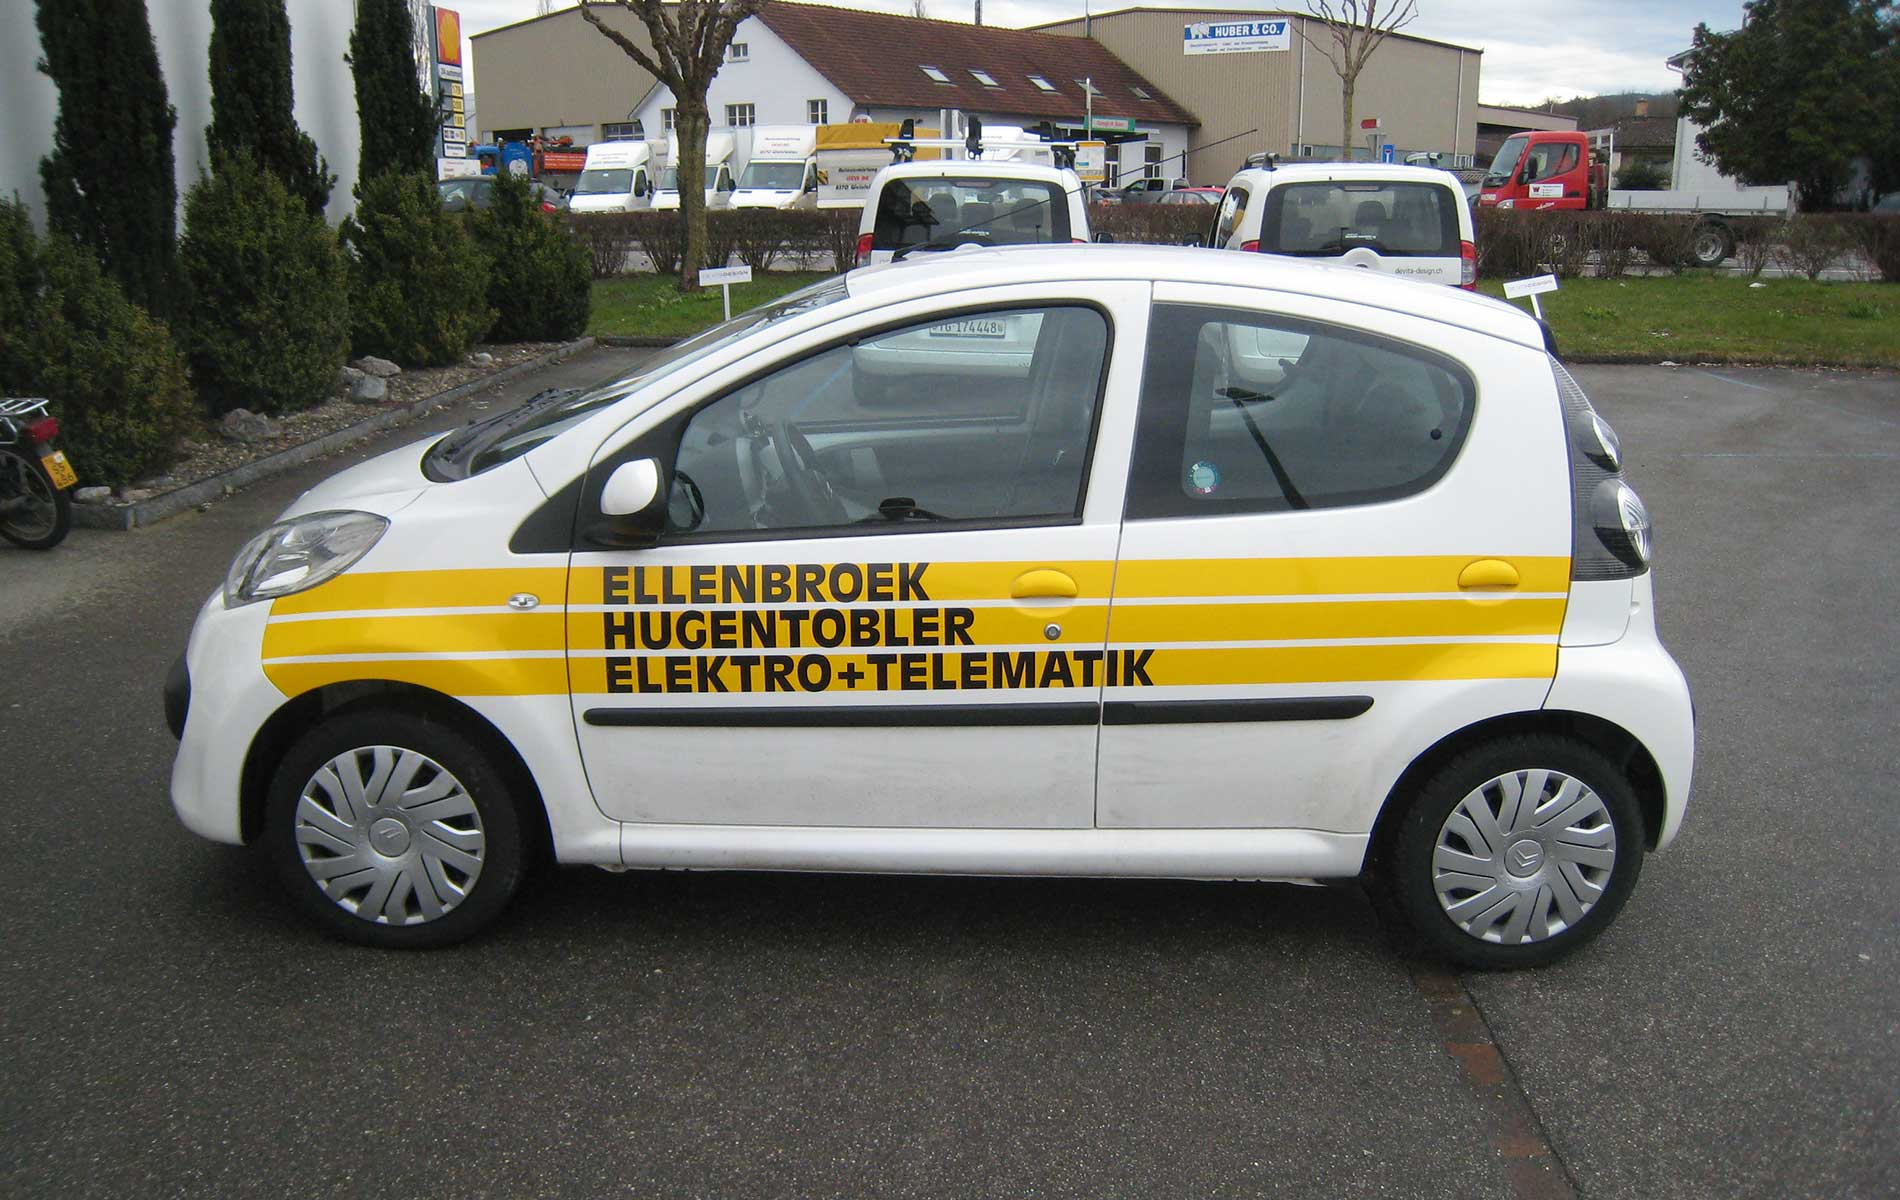 Beschriftetes Fahrzeug von Ellenbroek Hugentobler